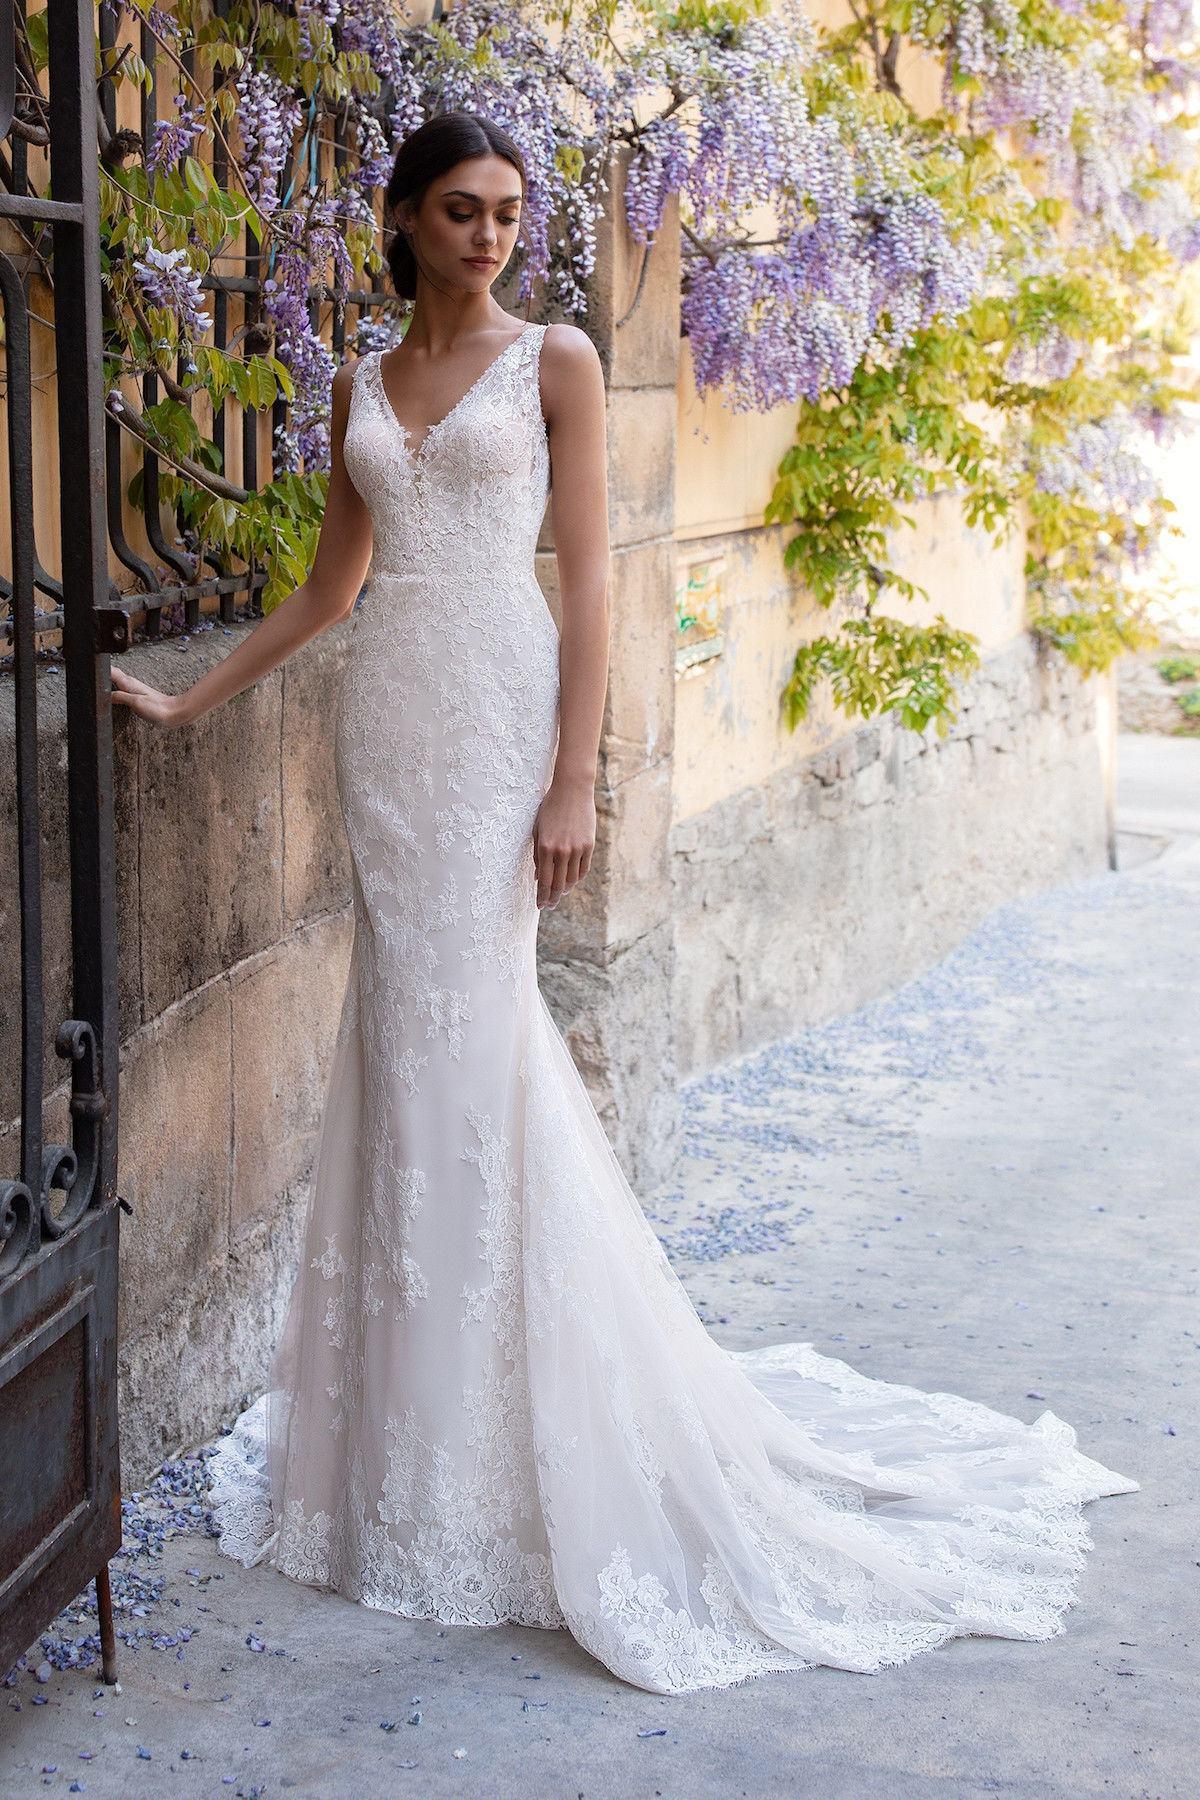 Find Designer Wedding Dresses & Gowns | Guides for Brides